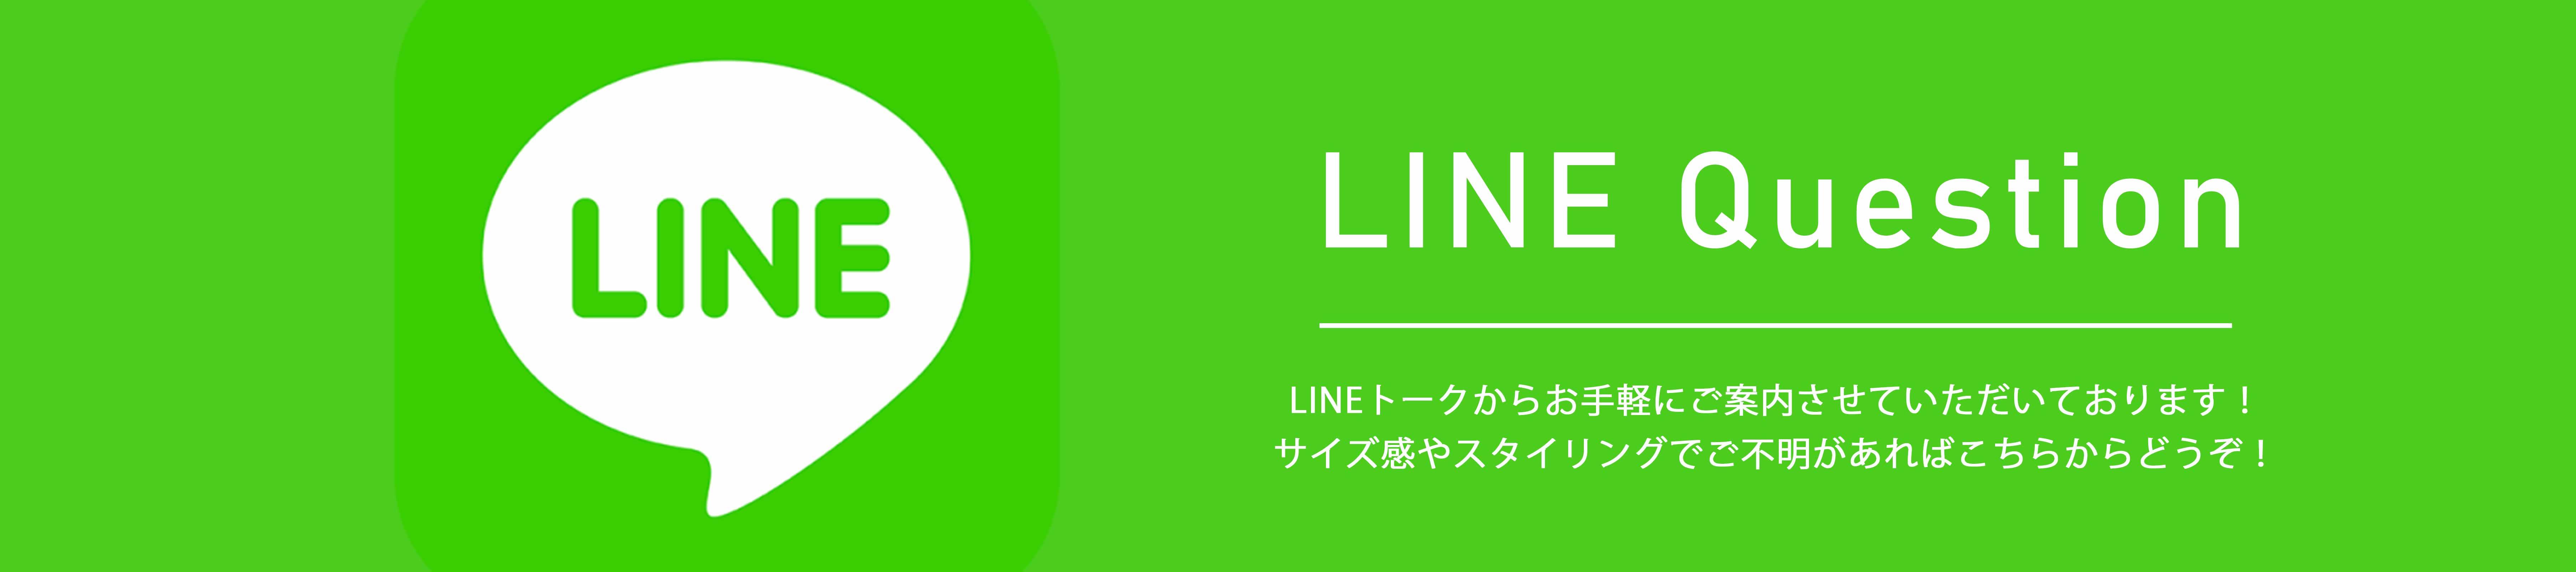 LINE接客、はじめました!